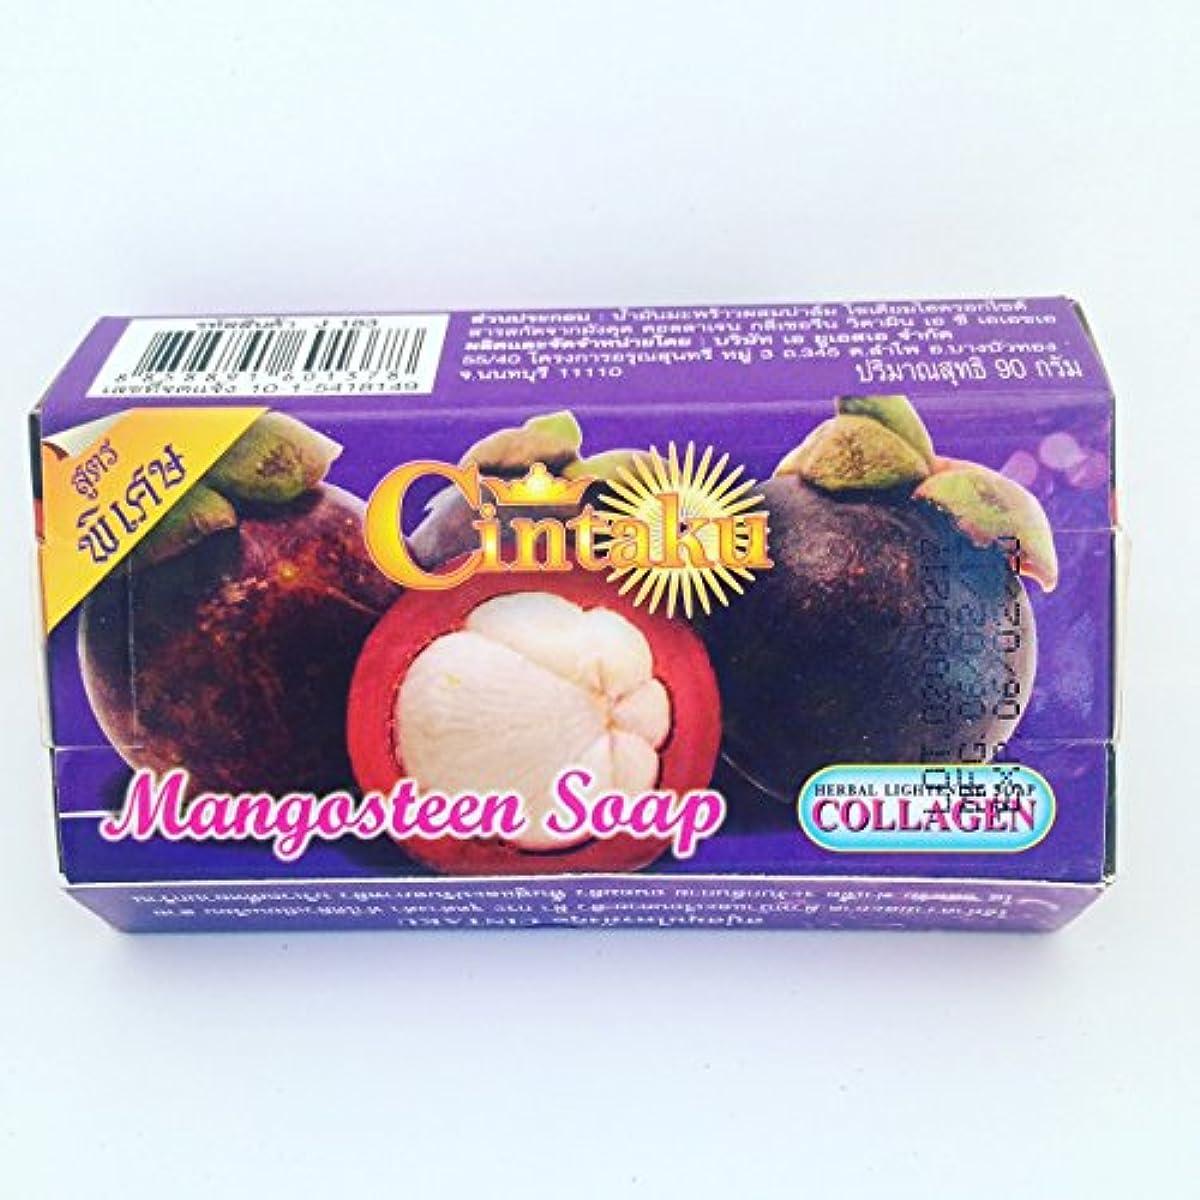 差別する専門会計士Cintaku マンゴスチン ソープ コラーゲン配合 90g 1個 Mangosteen Soap COLLAGEN